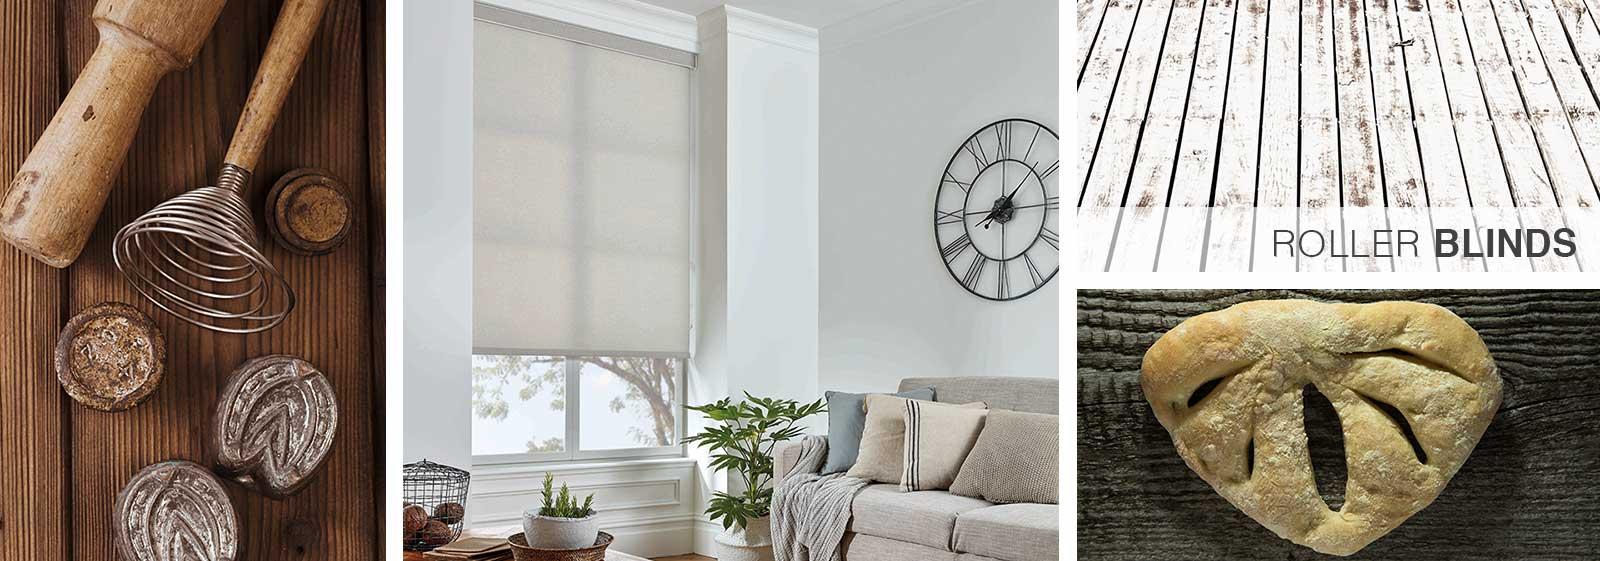 Light Filter Roller Blinds, Light Filter Roller Blinds (old), Blind Designs